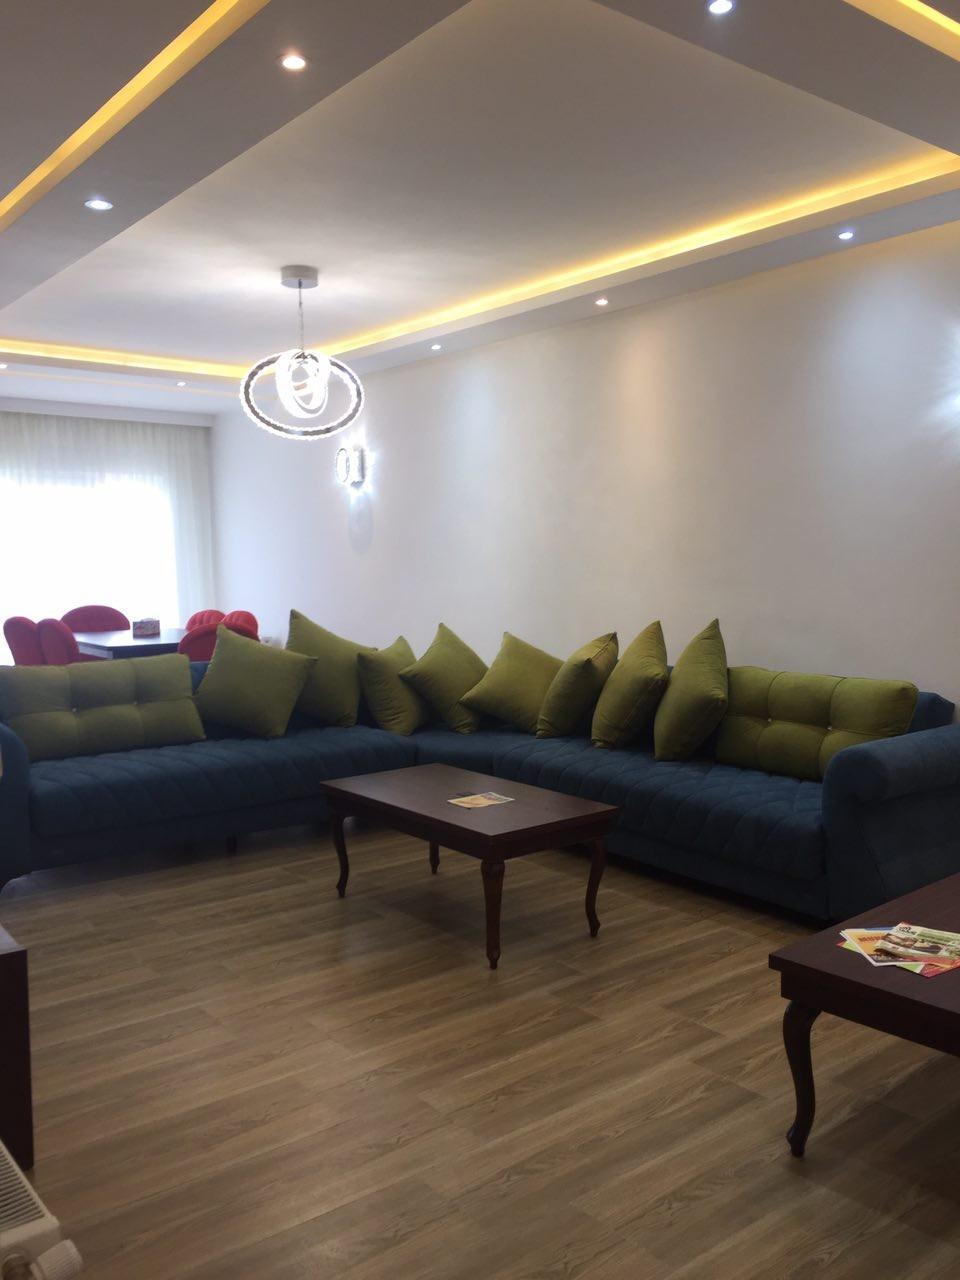 درون شهری هتل آپارتمان در متل قو مازندران